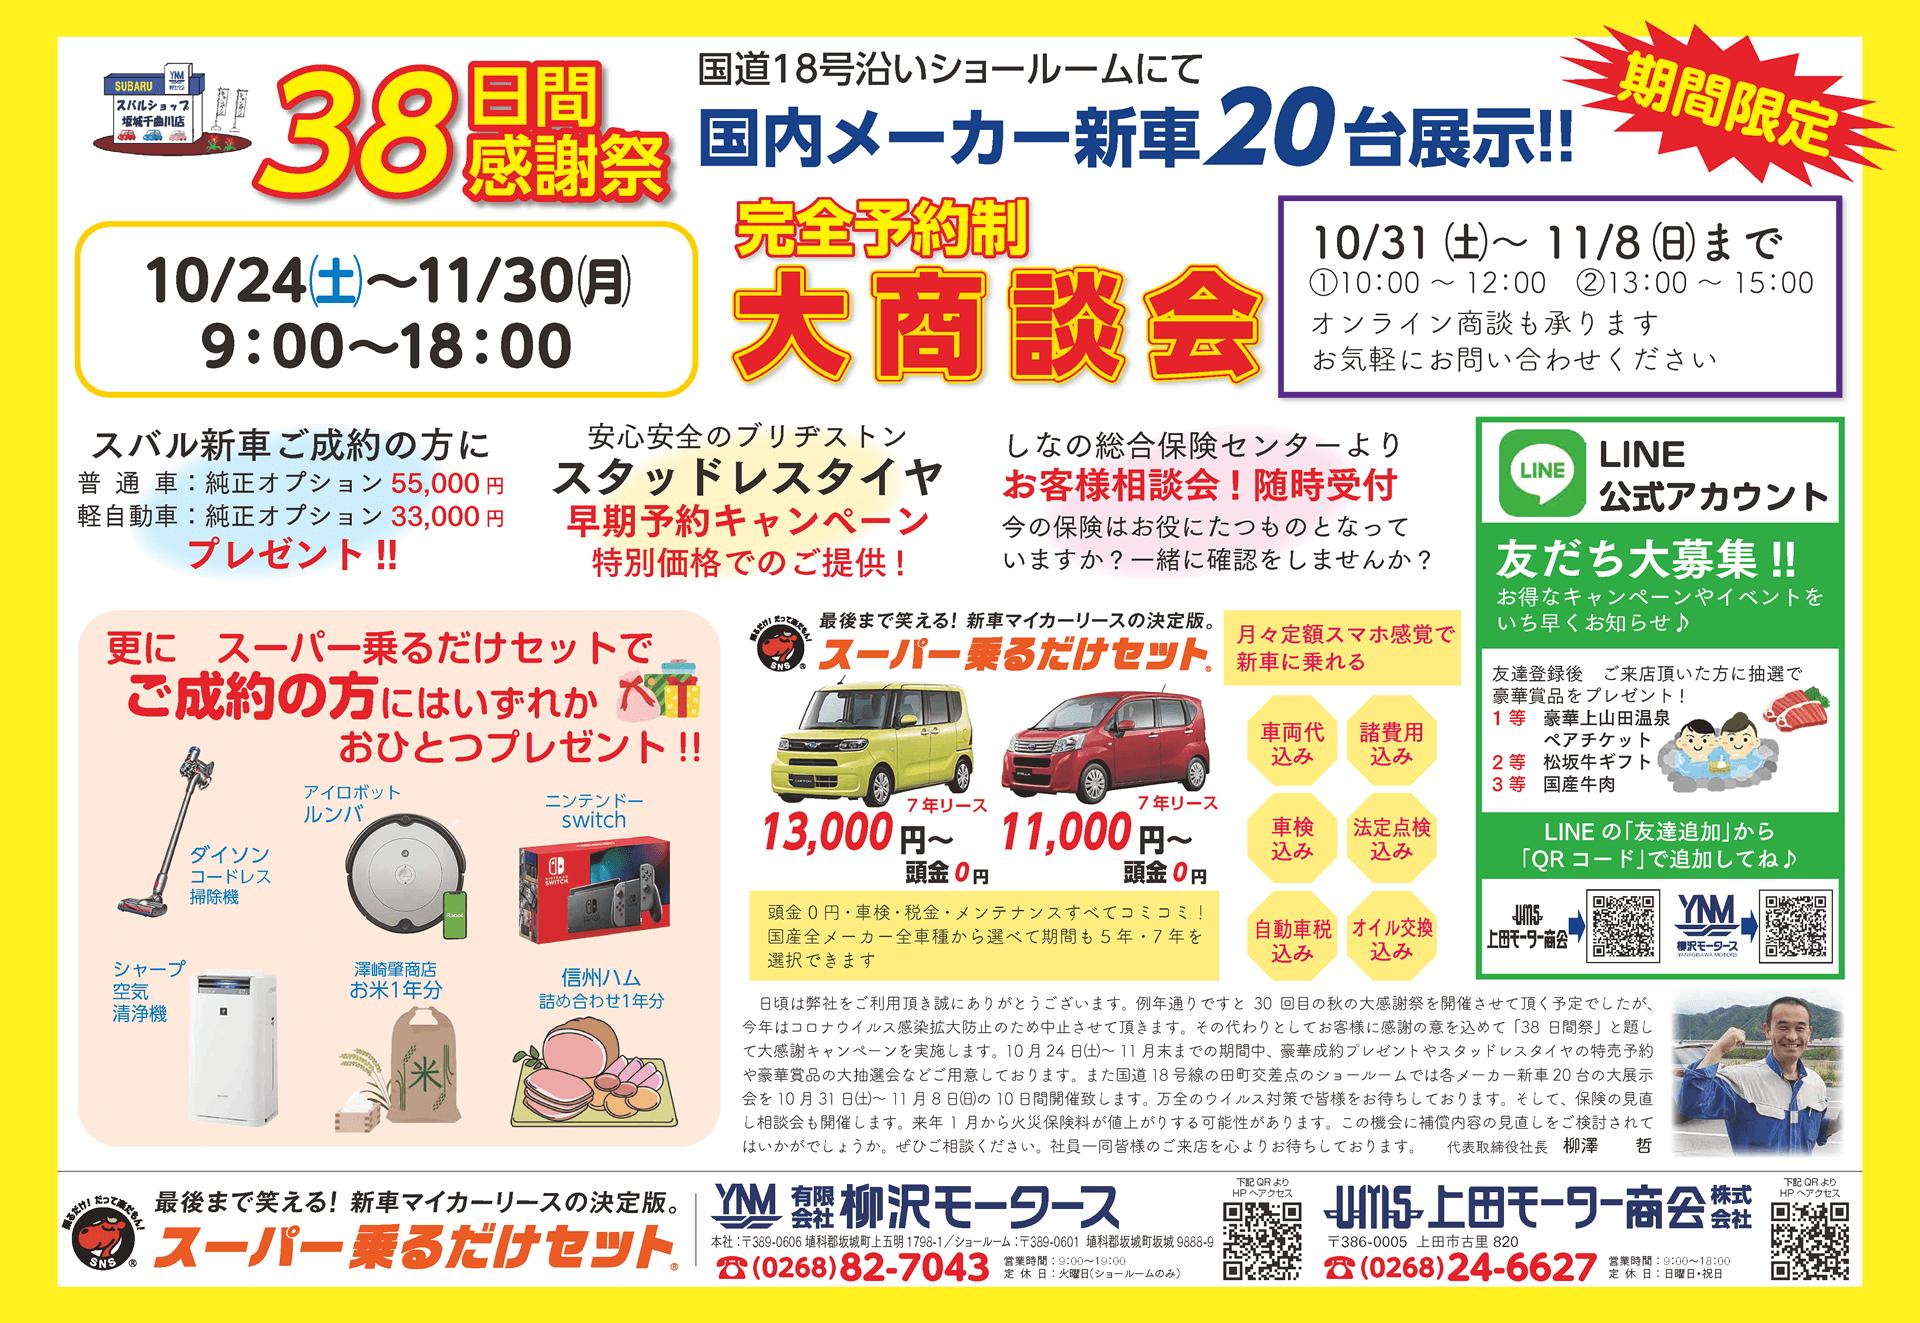 38日間感謝祭チラシ(表)